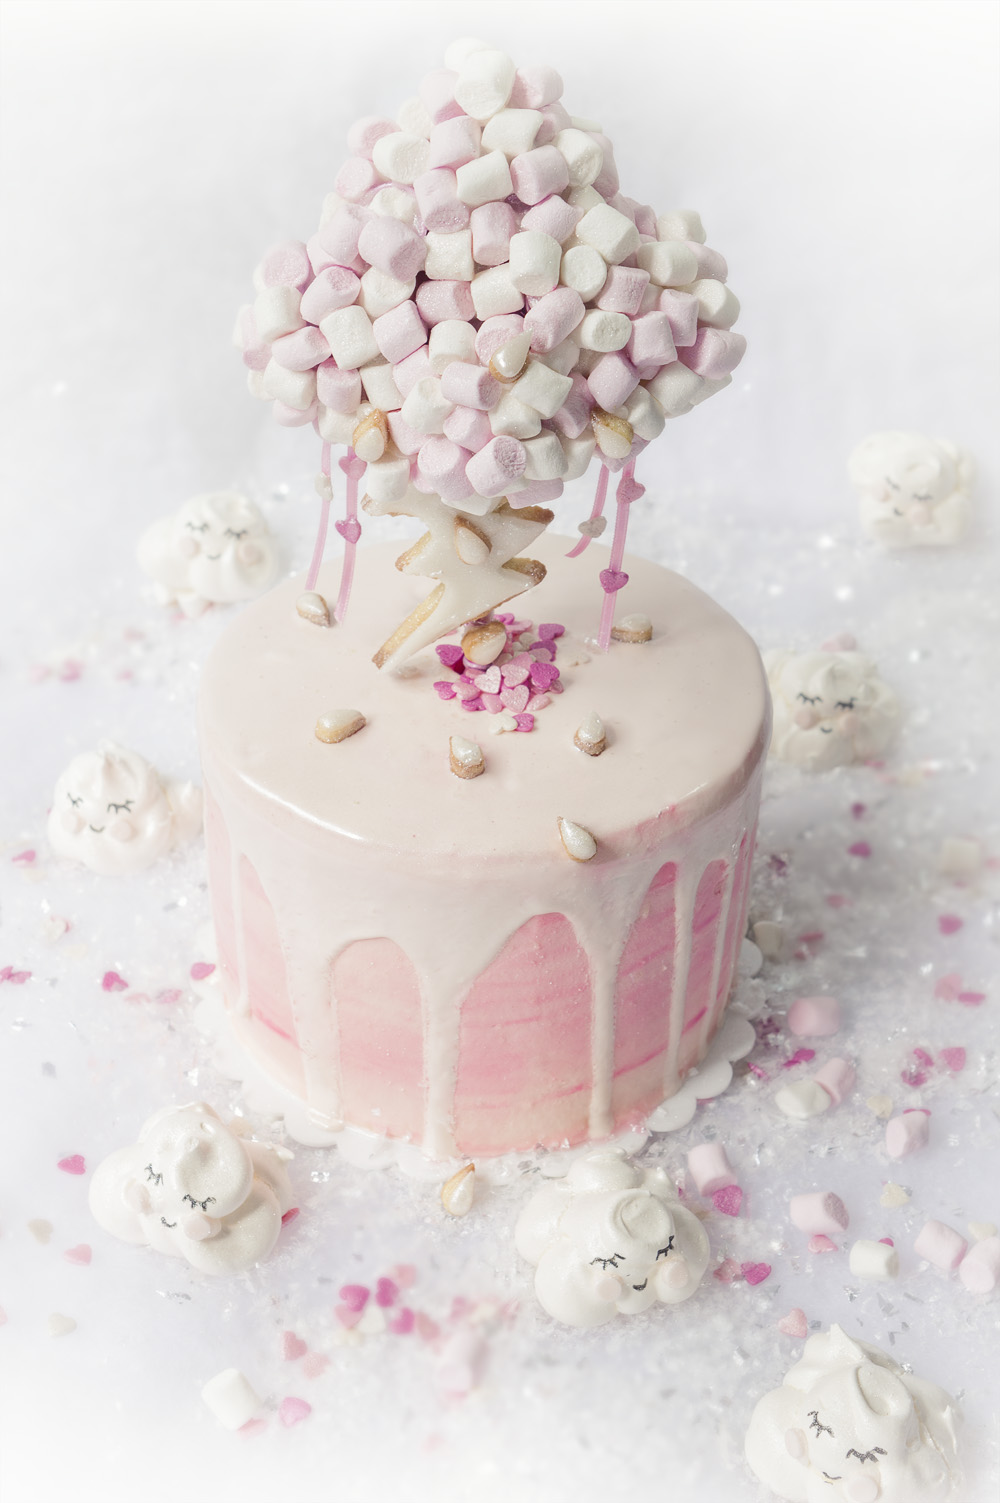 Summer Storm - Layer Cake - Studio de création - Qui a vole les tartes (2)